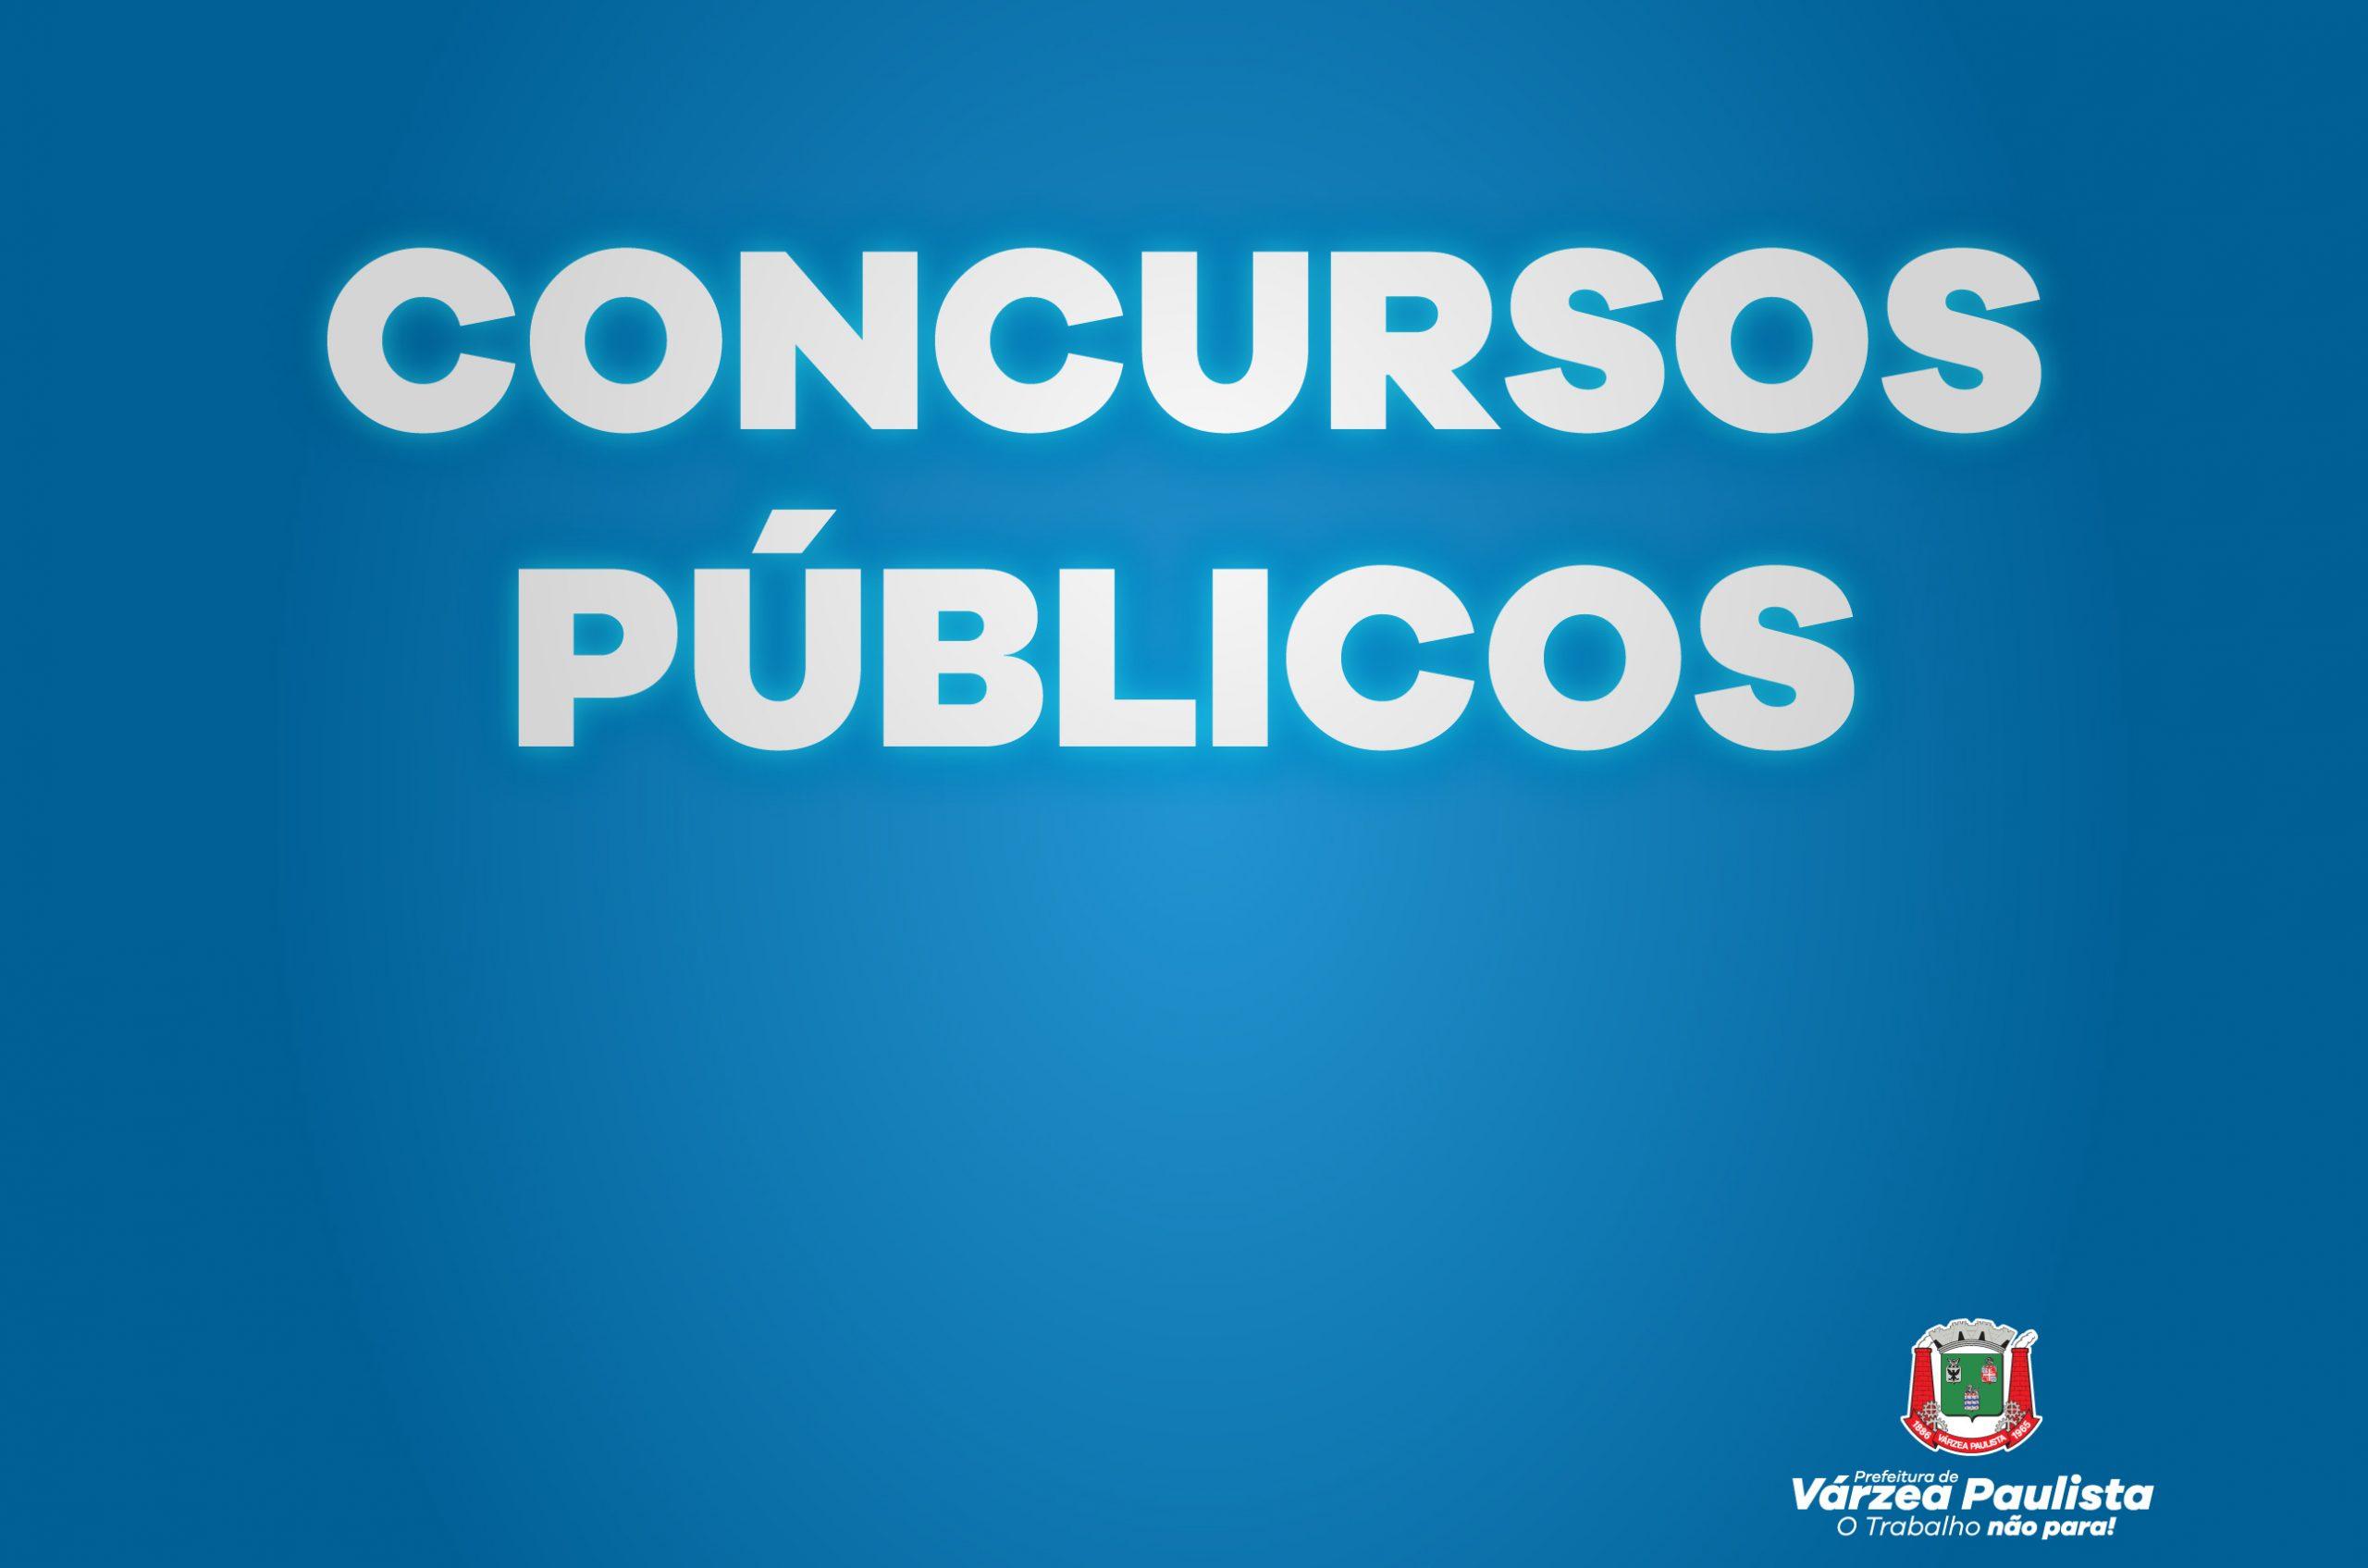 Inscrições para Concurso Público vão até segunda-feira (13)